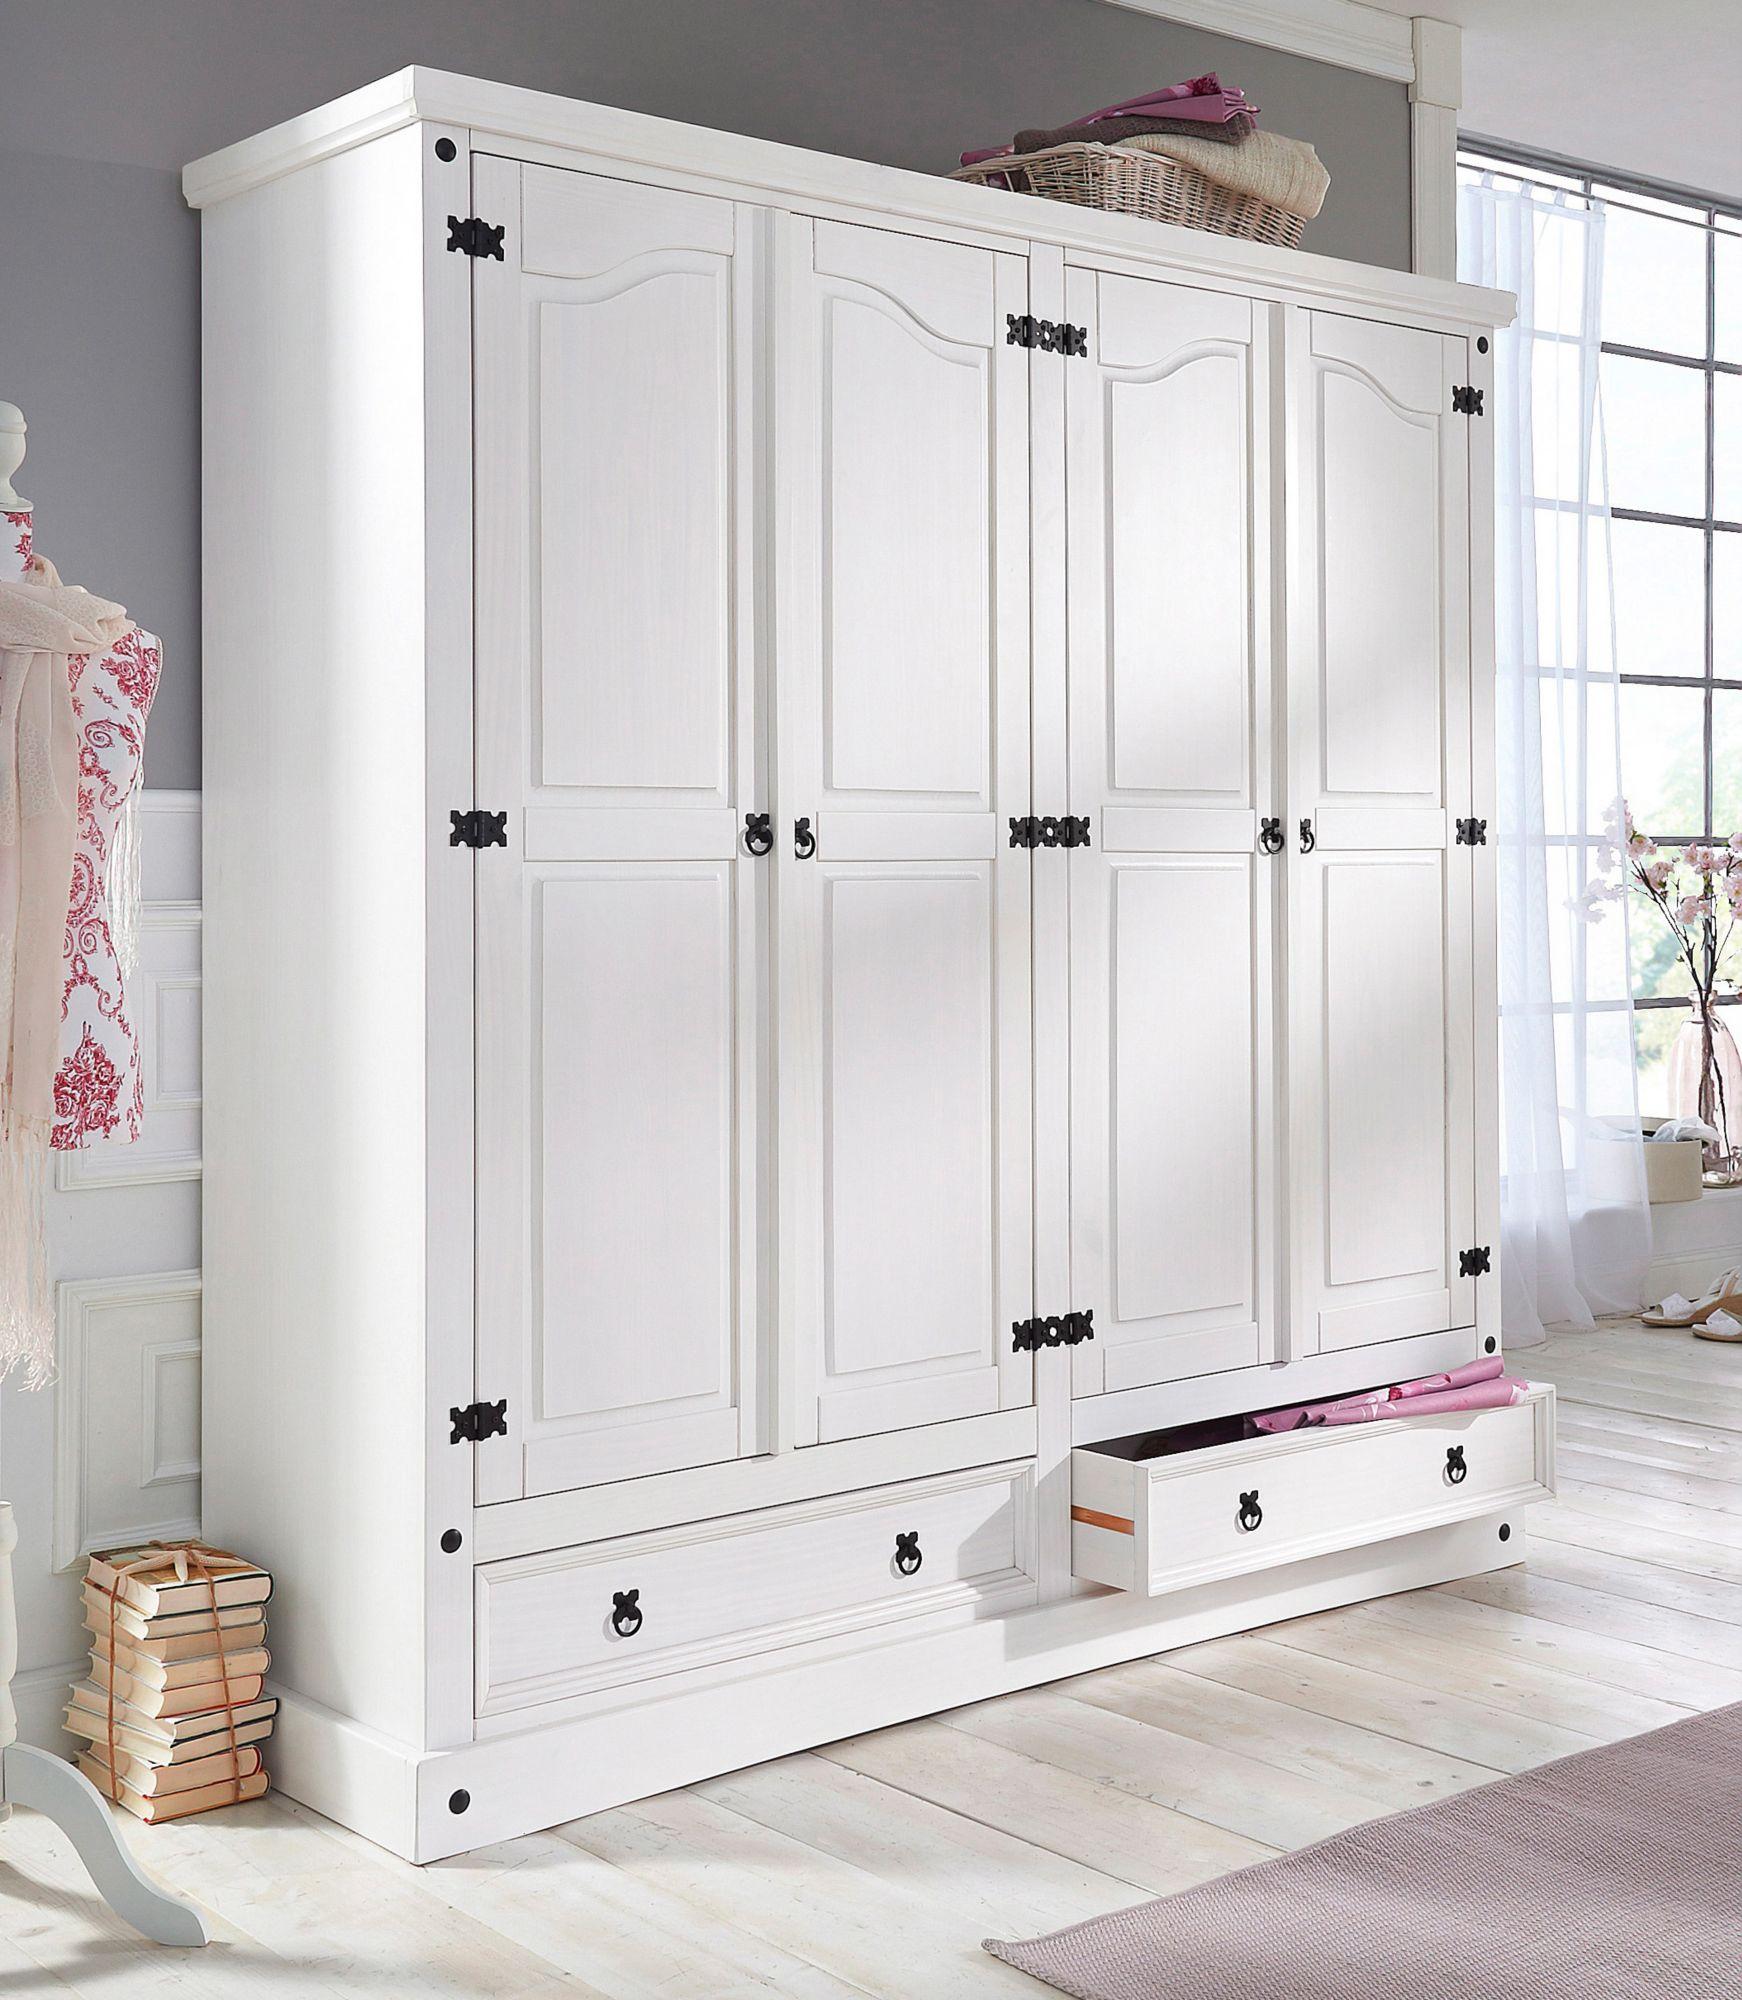 kleiderschrank home affaire mexiko schwab versand dreht renschr nke. Black Bedroom Furniture Sets. Home Design Ideas